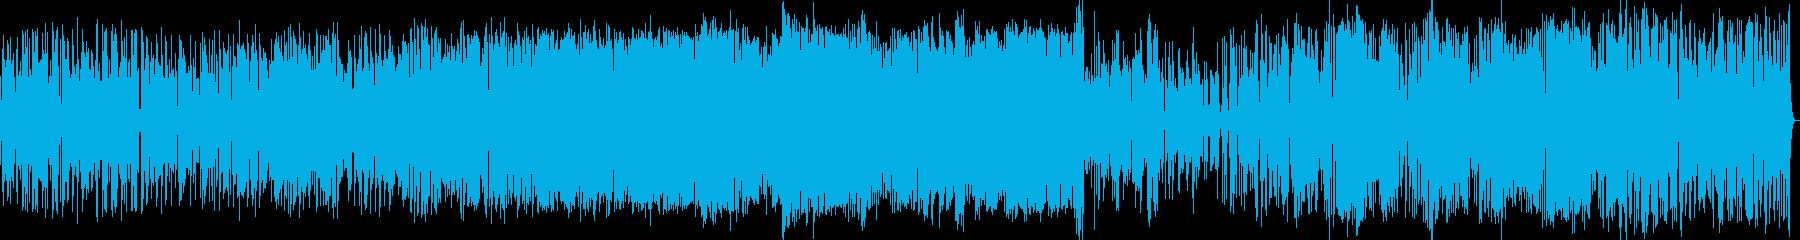 スムーズジャズ。ラテンジャズ、歌、...の再生済みの波形